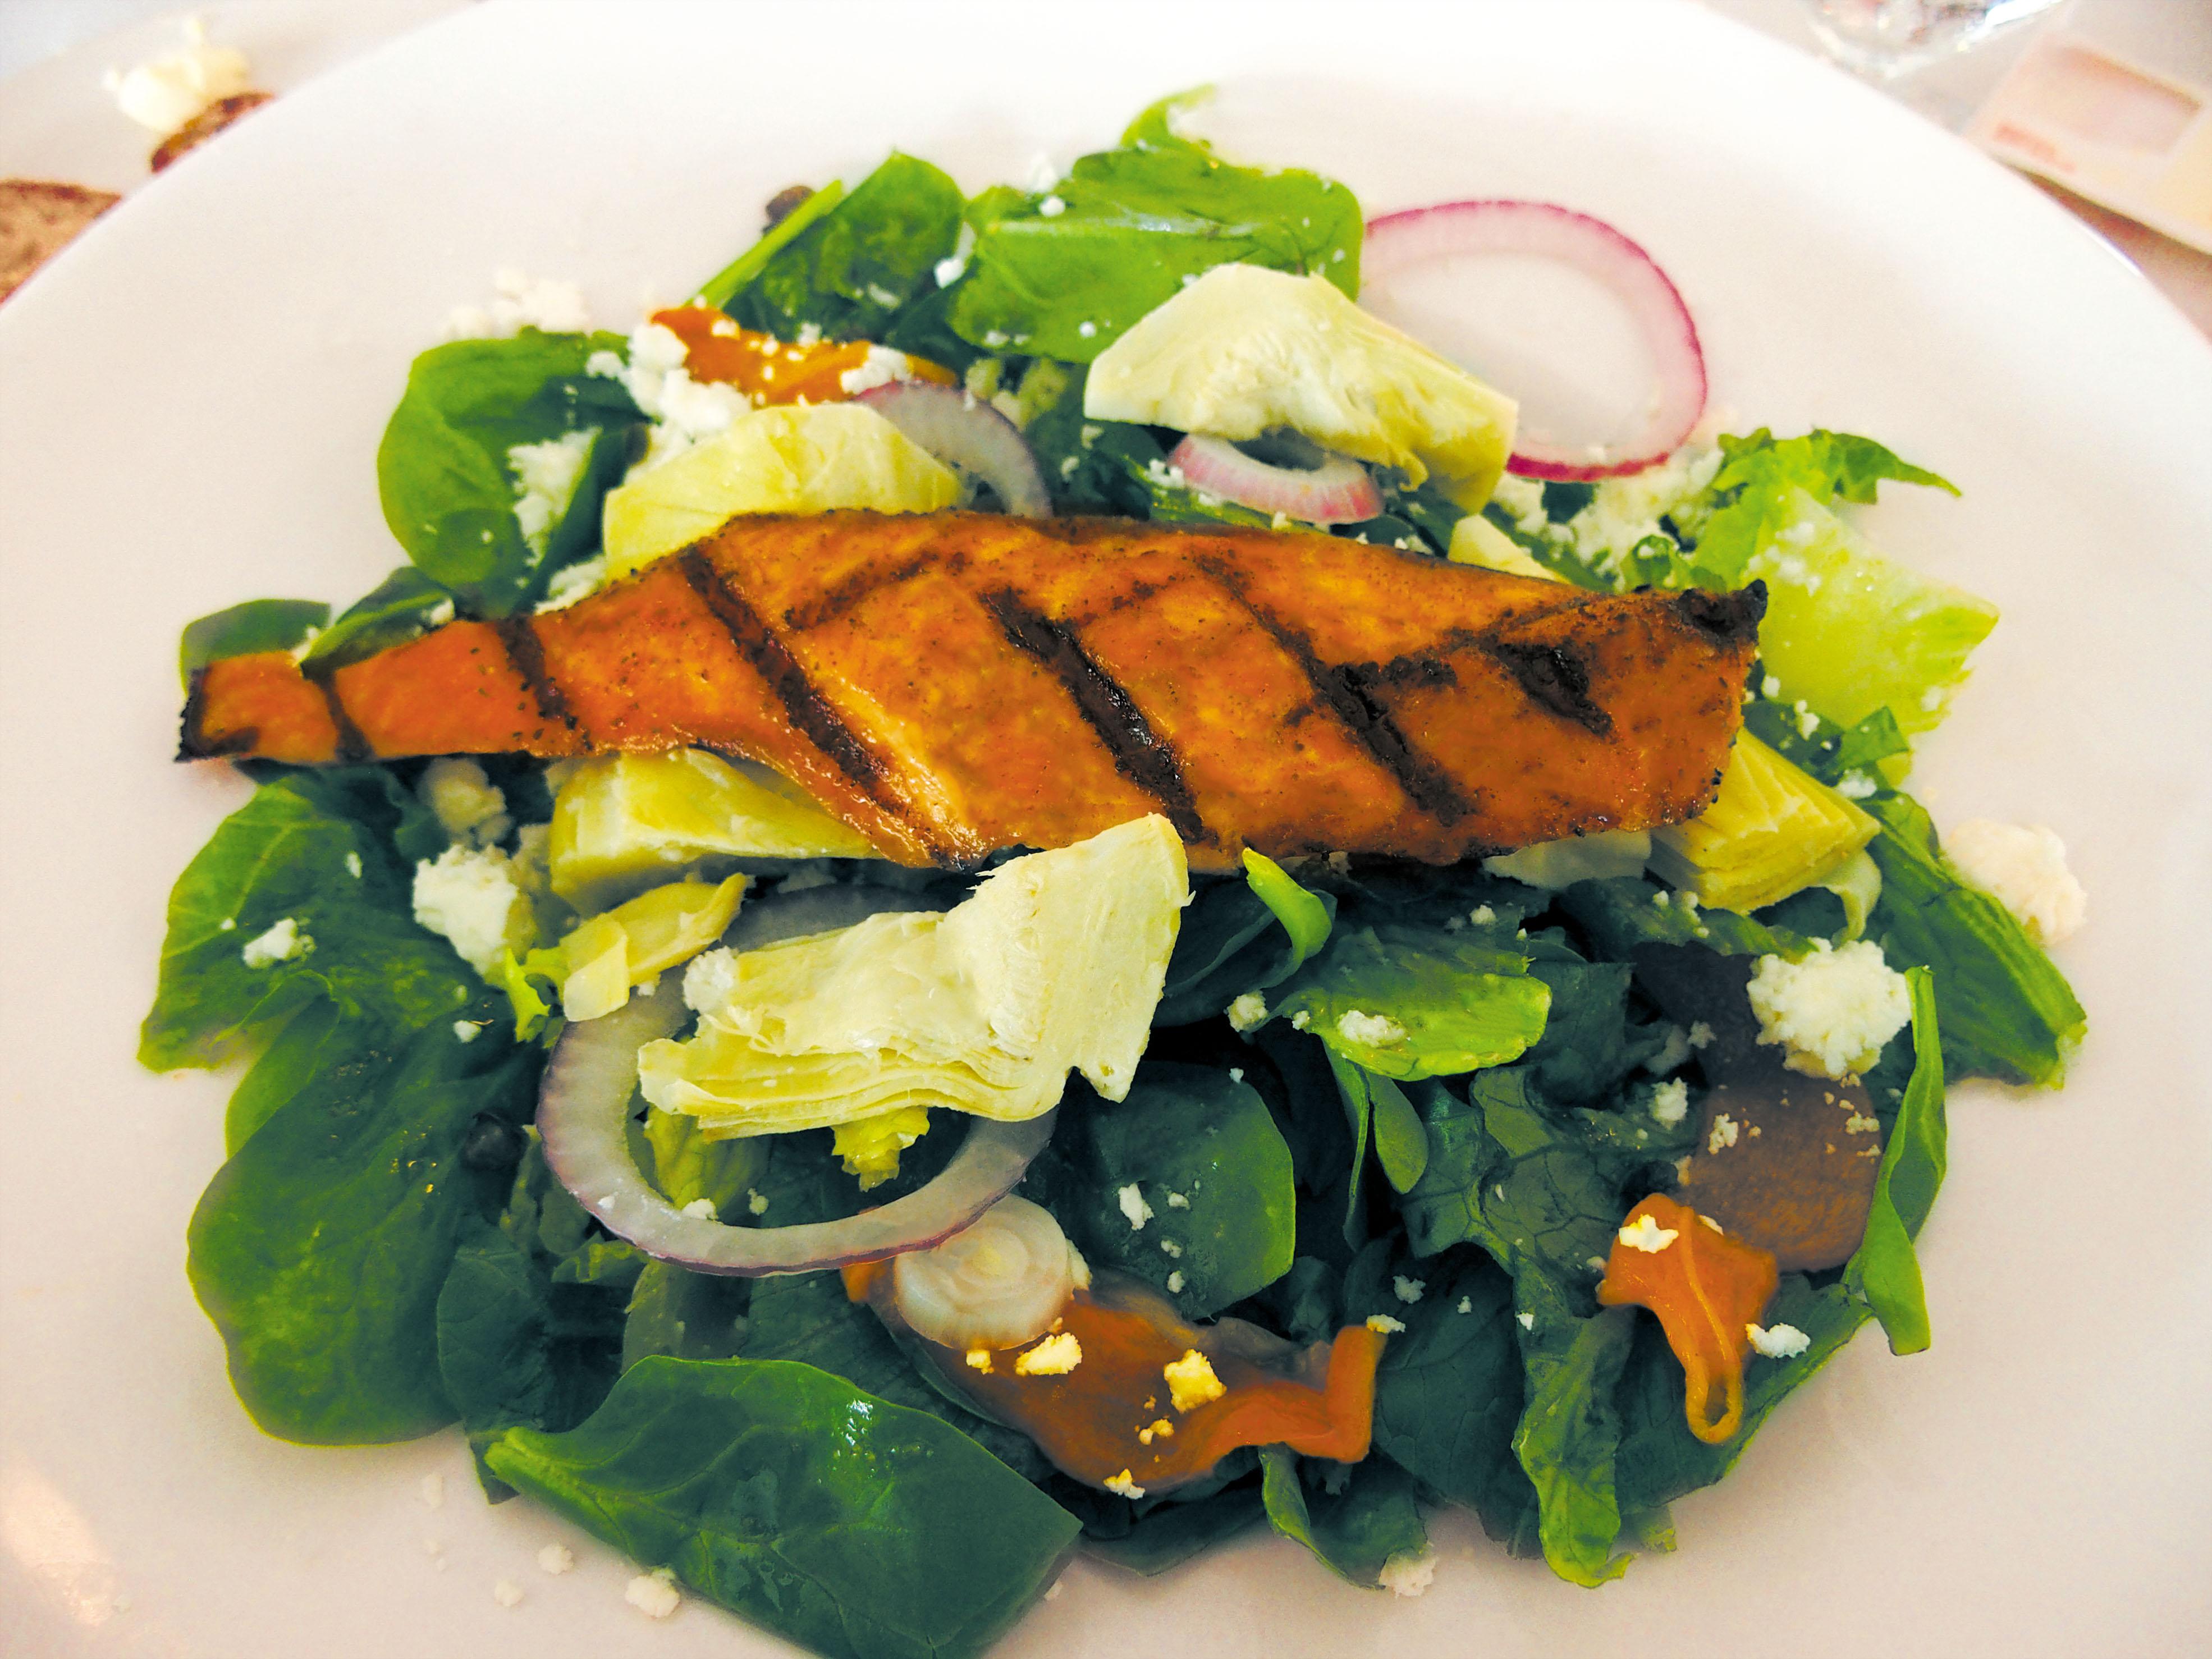 前菜のサラダのはずが、これだけで腹一杯になってしまうこのボリューム感。シンプルにビネガー&ソルトで味わおう。